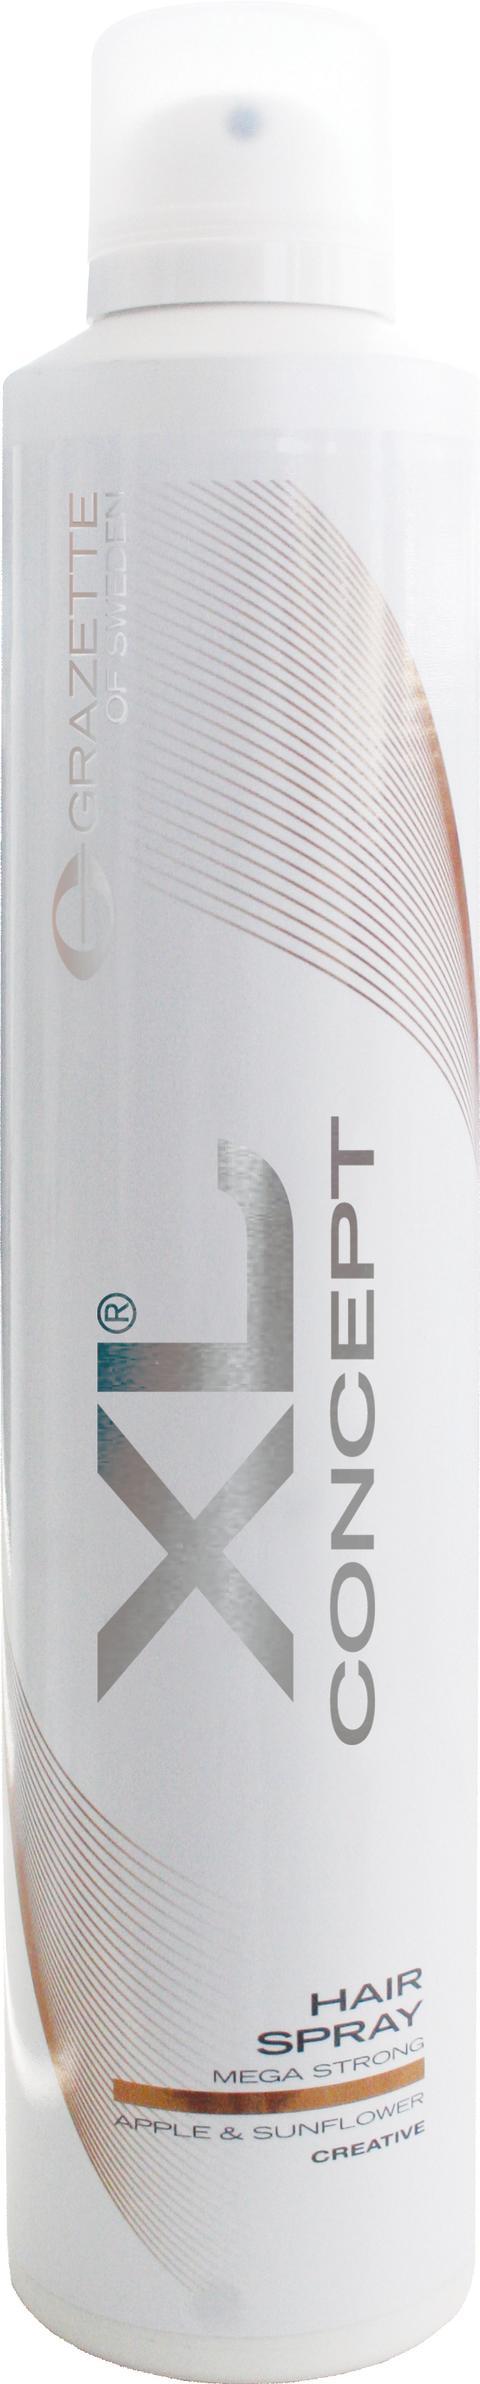 XL Concept Hairspray Mega strong